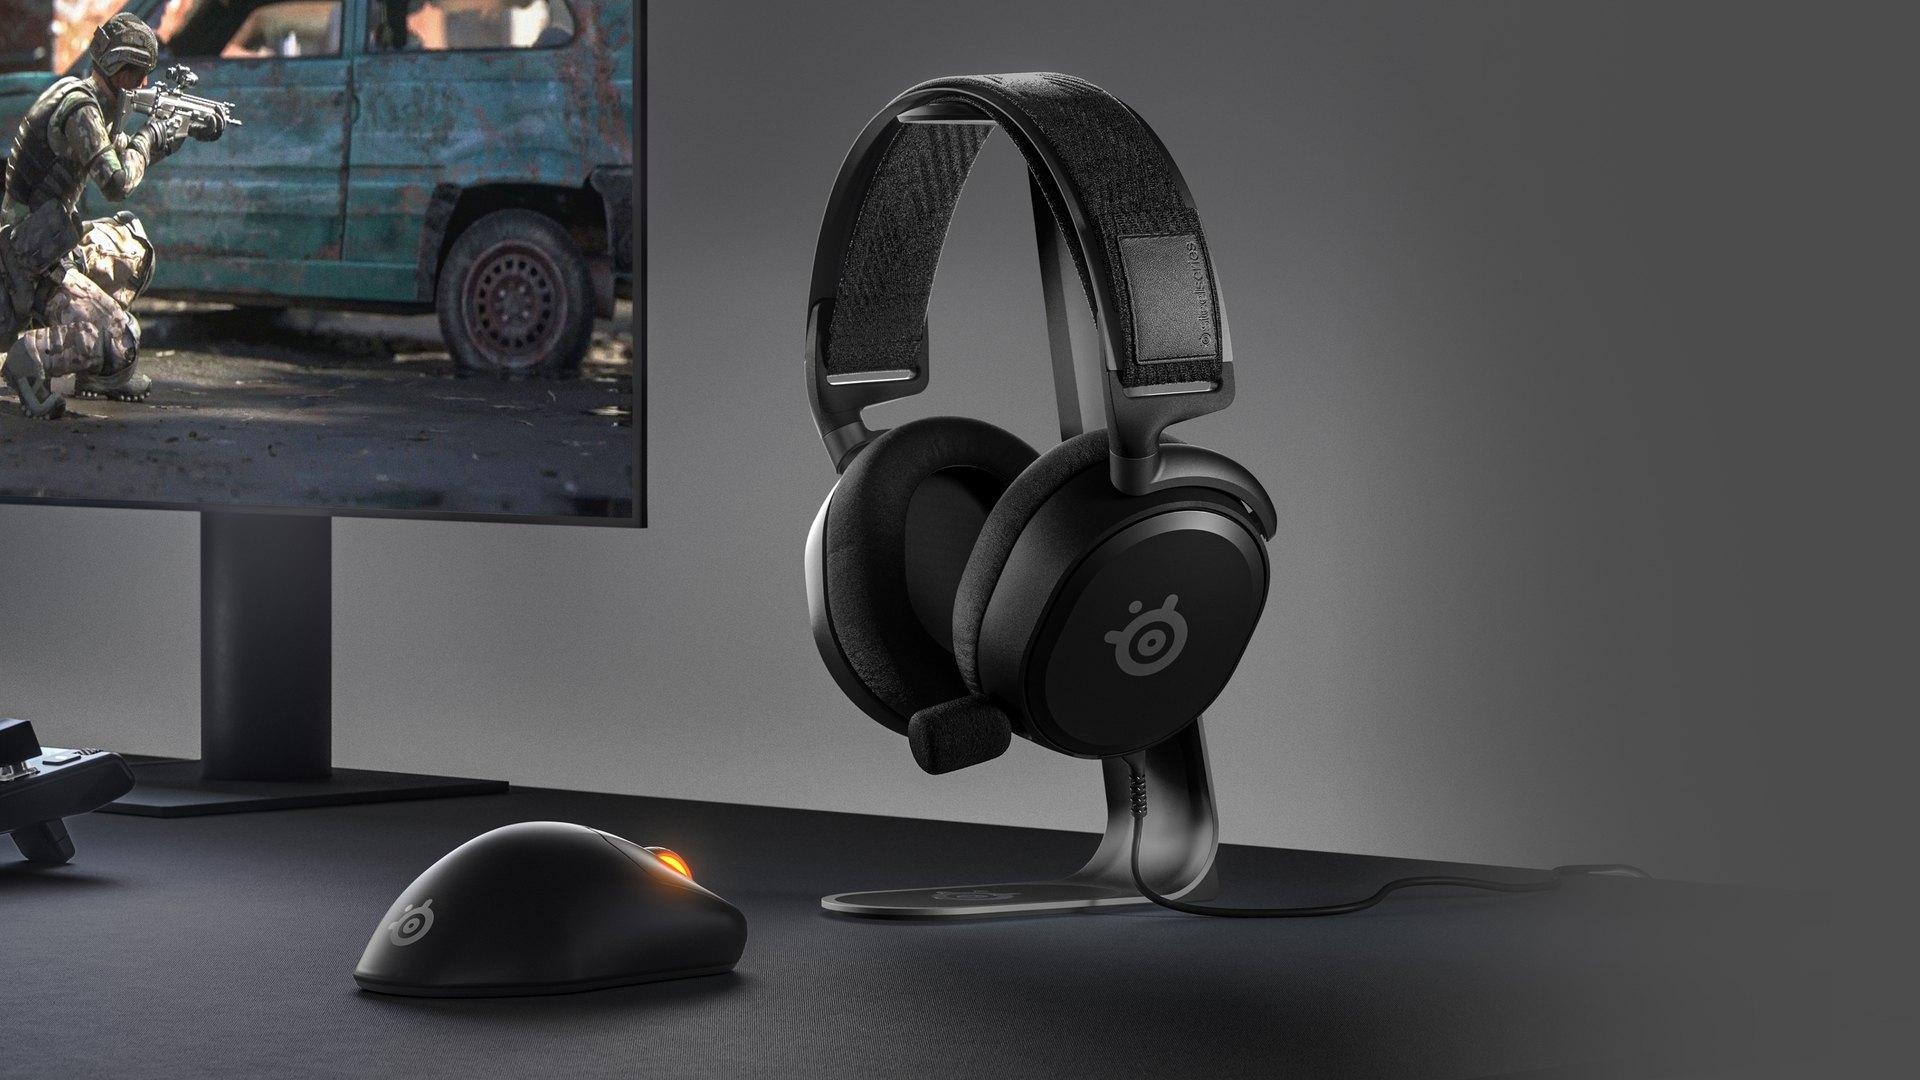 En snygg skrivbordskonfigurering med Arctis Prime-hörlurar och en Prime Wireless-mus.